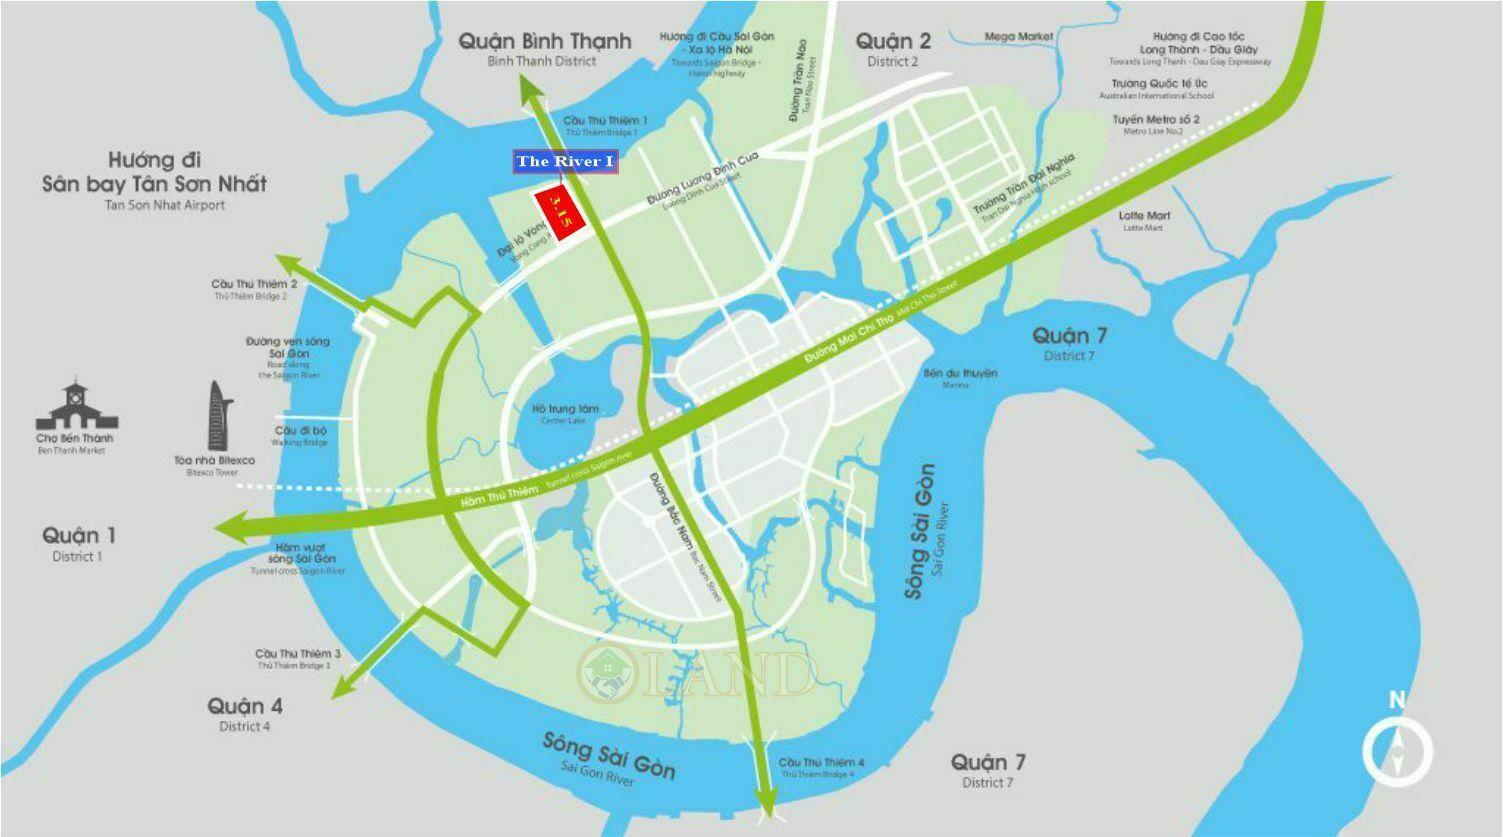 Vị trí The River 1 Thủ Thiêm - Ô 3.15